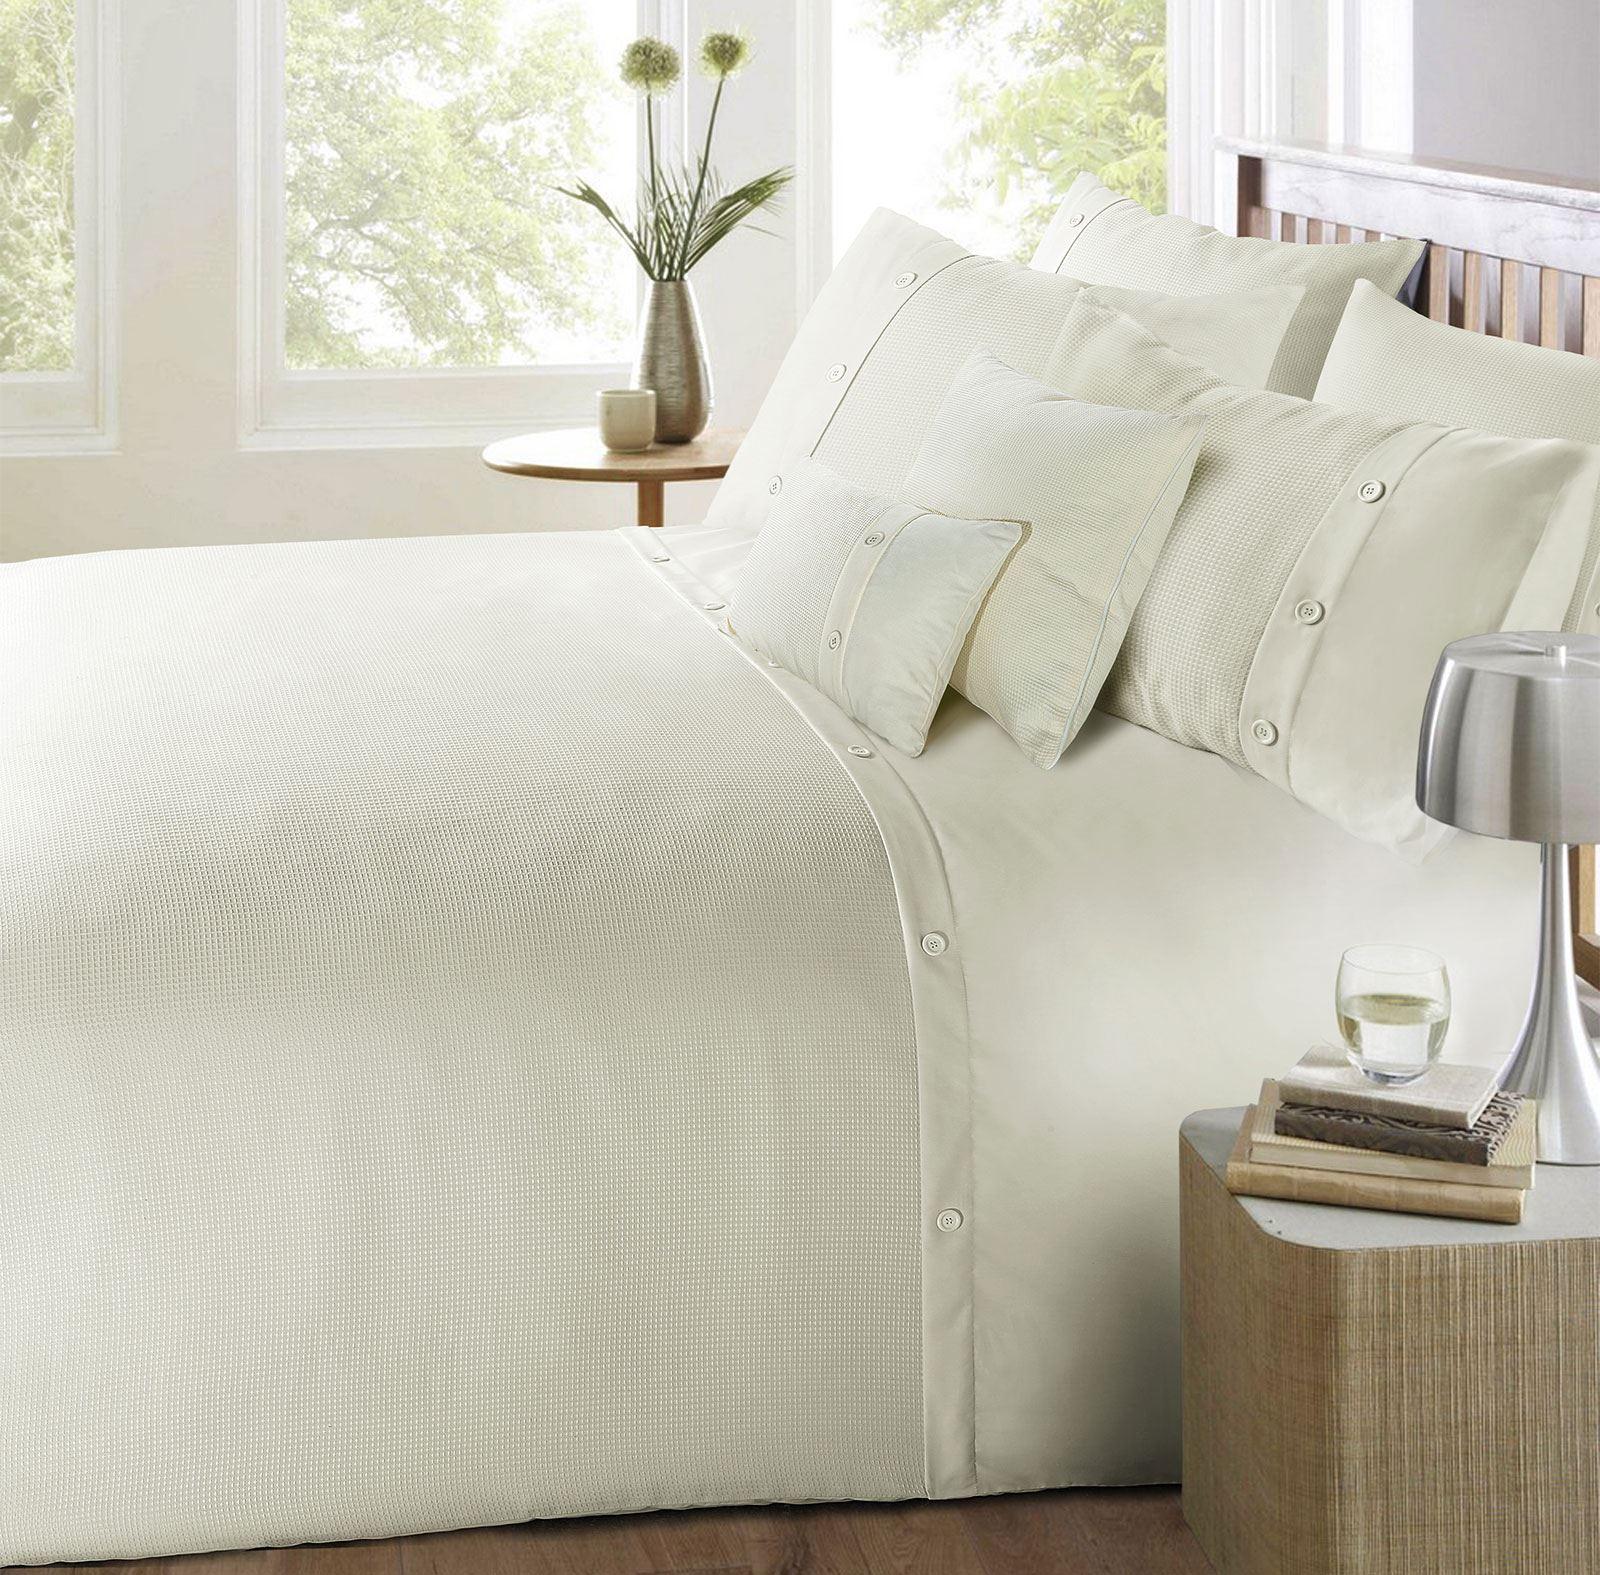 100-Algodon-Cuidado-facil-cubierta-del-edredon-edredon-multicolor-nuevo-conjunto-de-ropa-de-cama miniatura 17